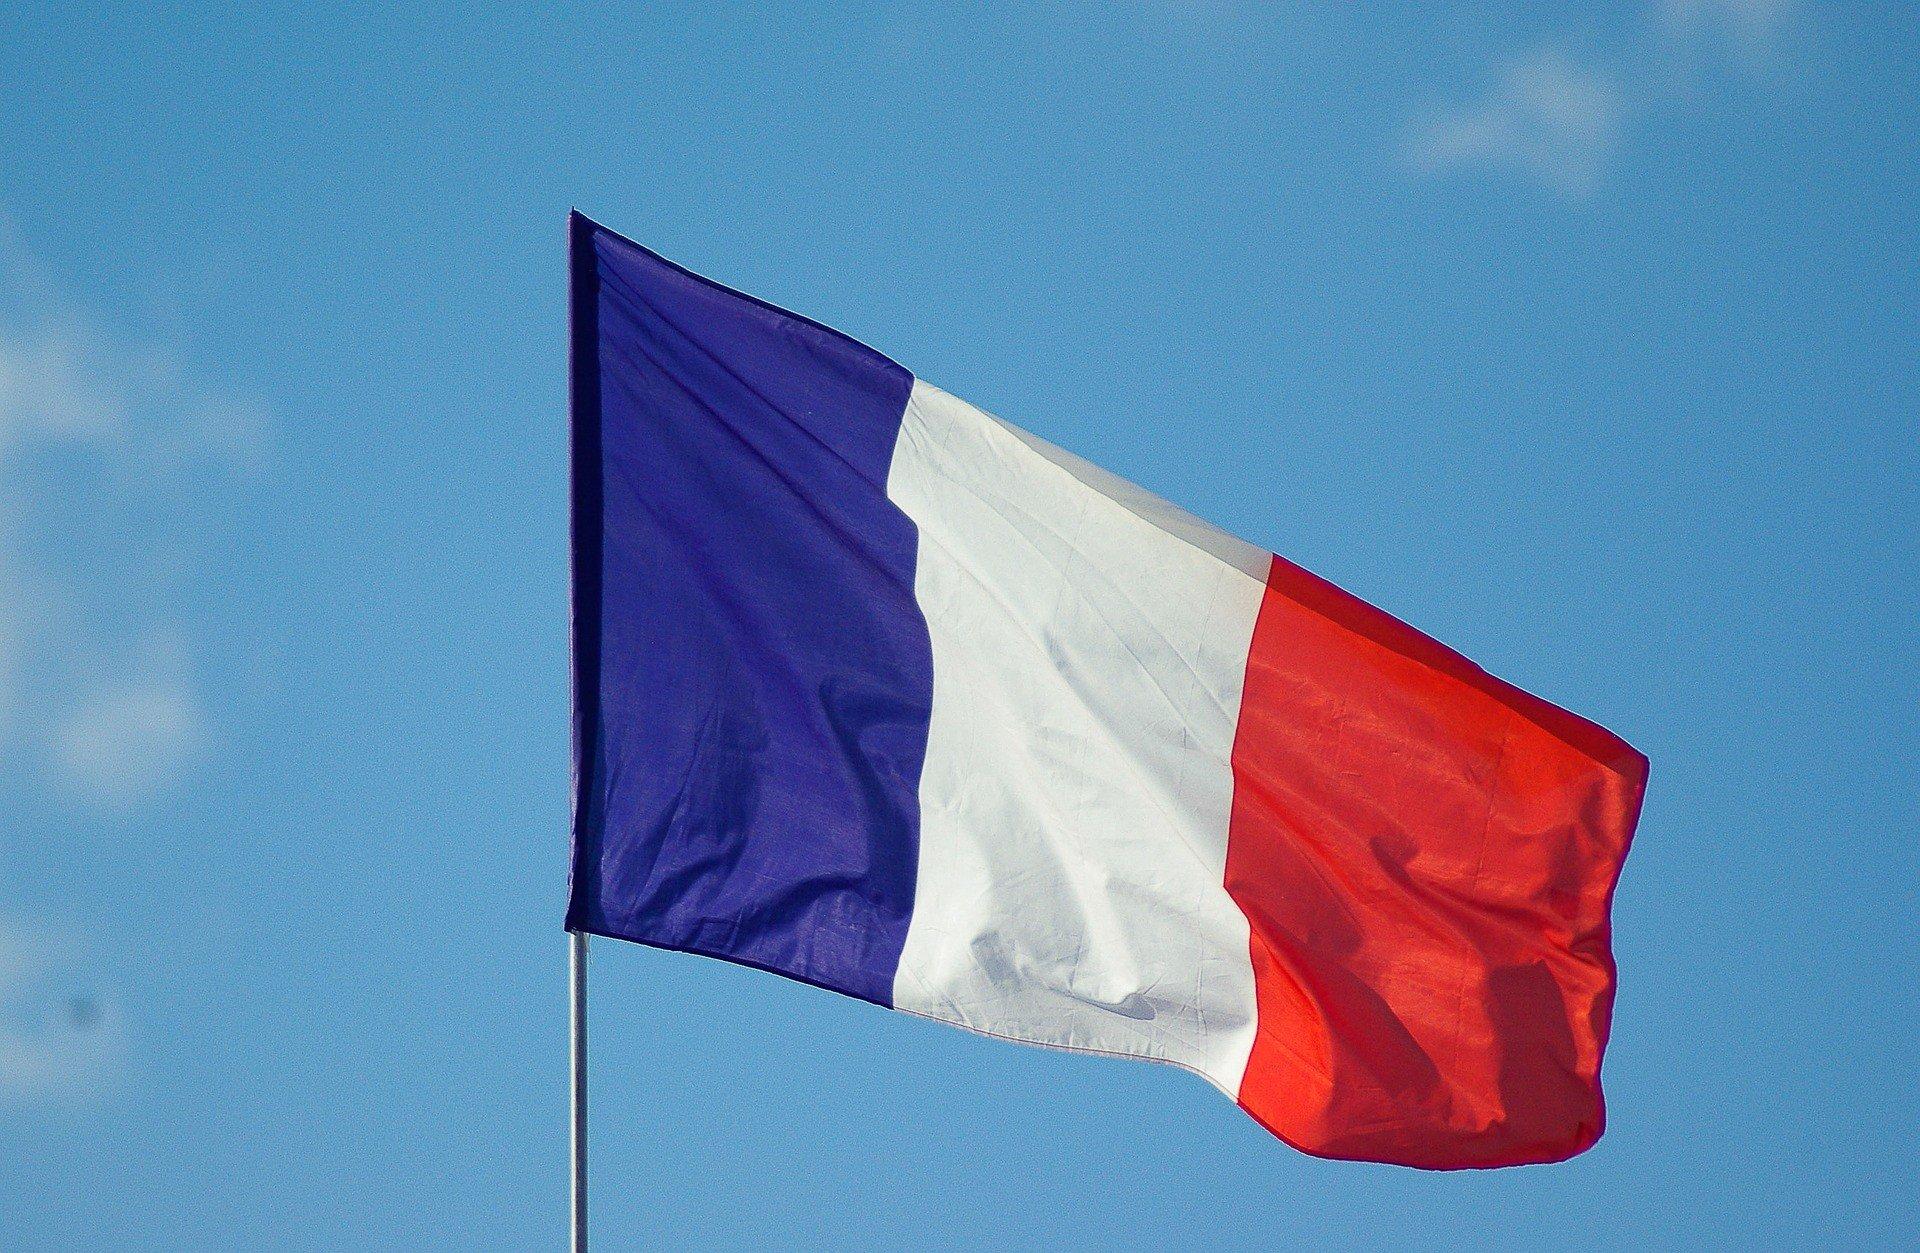 Французький завод перетворили в тюрму - депутати обурюються